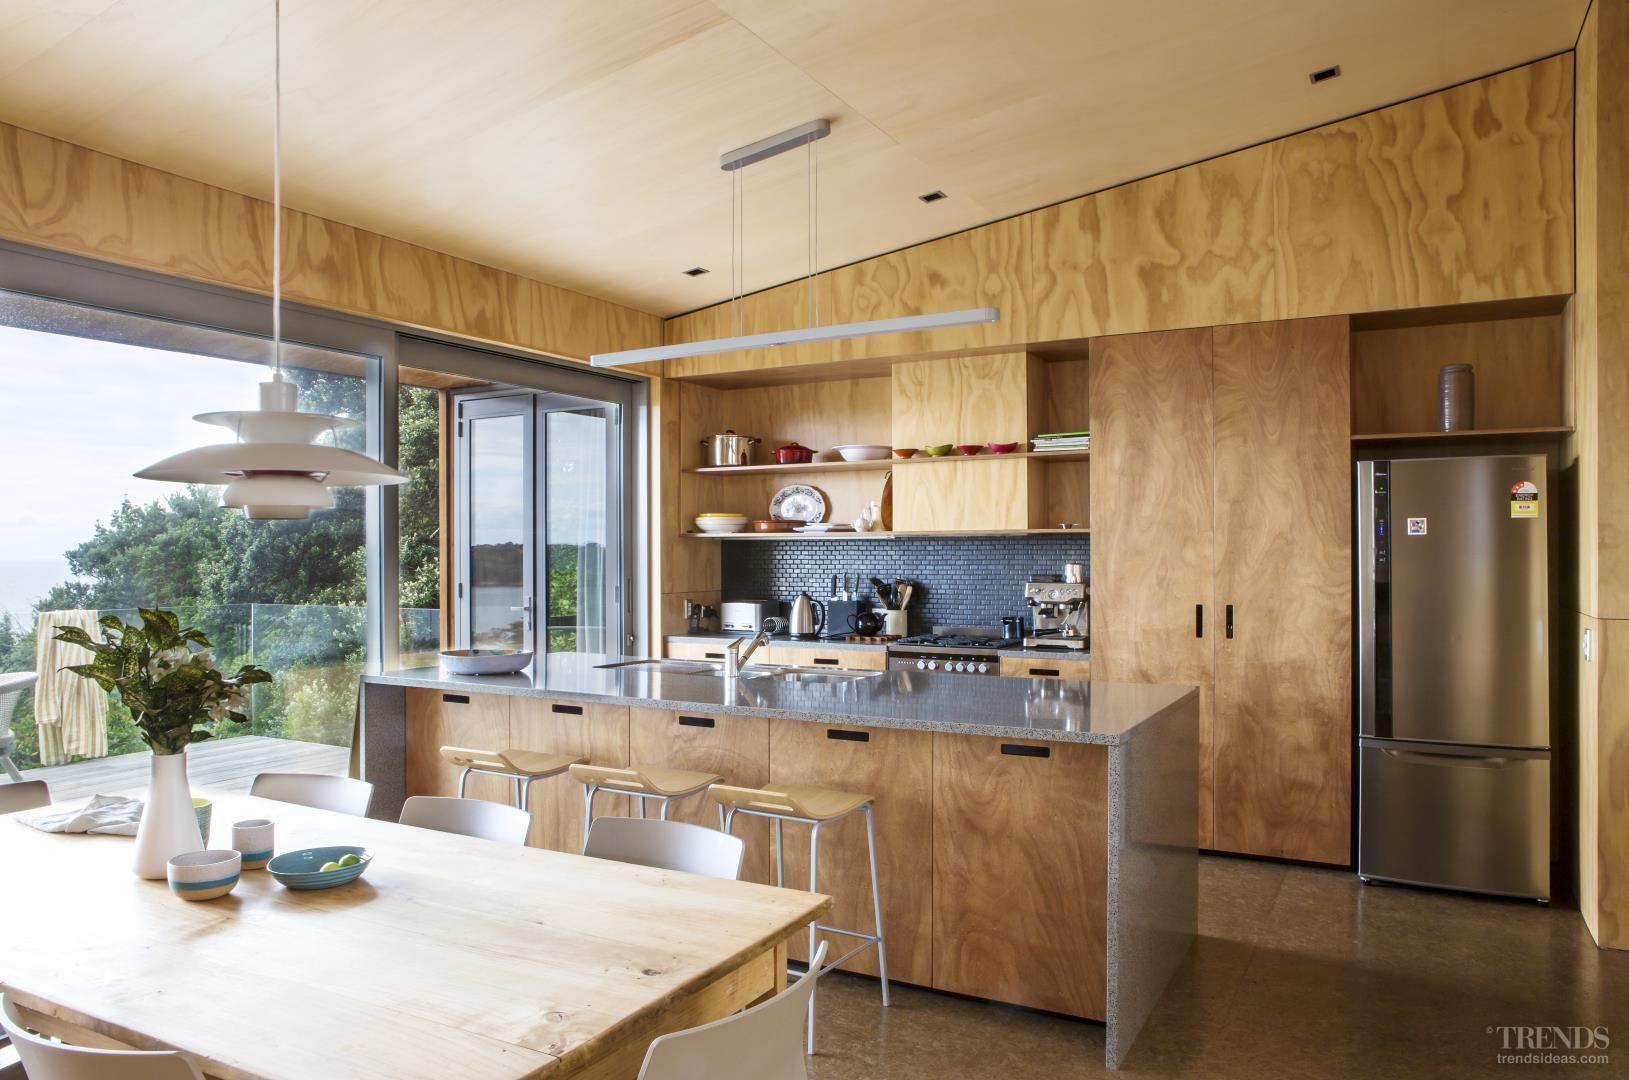 Gemütlich Küchendesign Nz Auckland Zeitgenössisch - Ideen Für Die ...